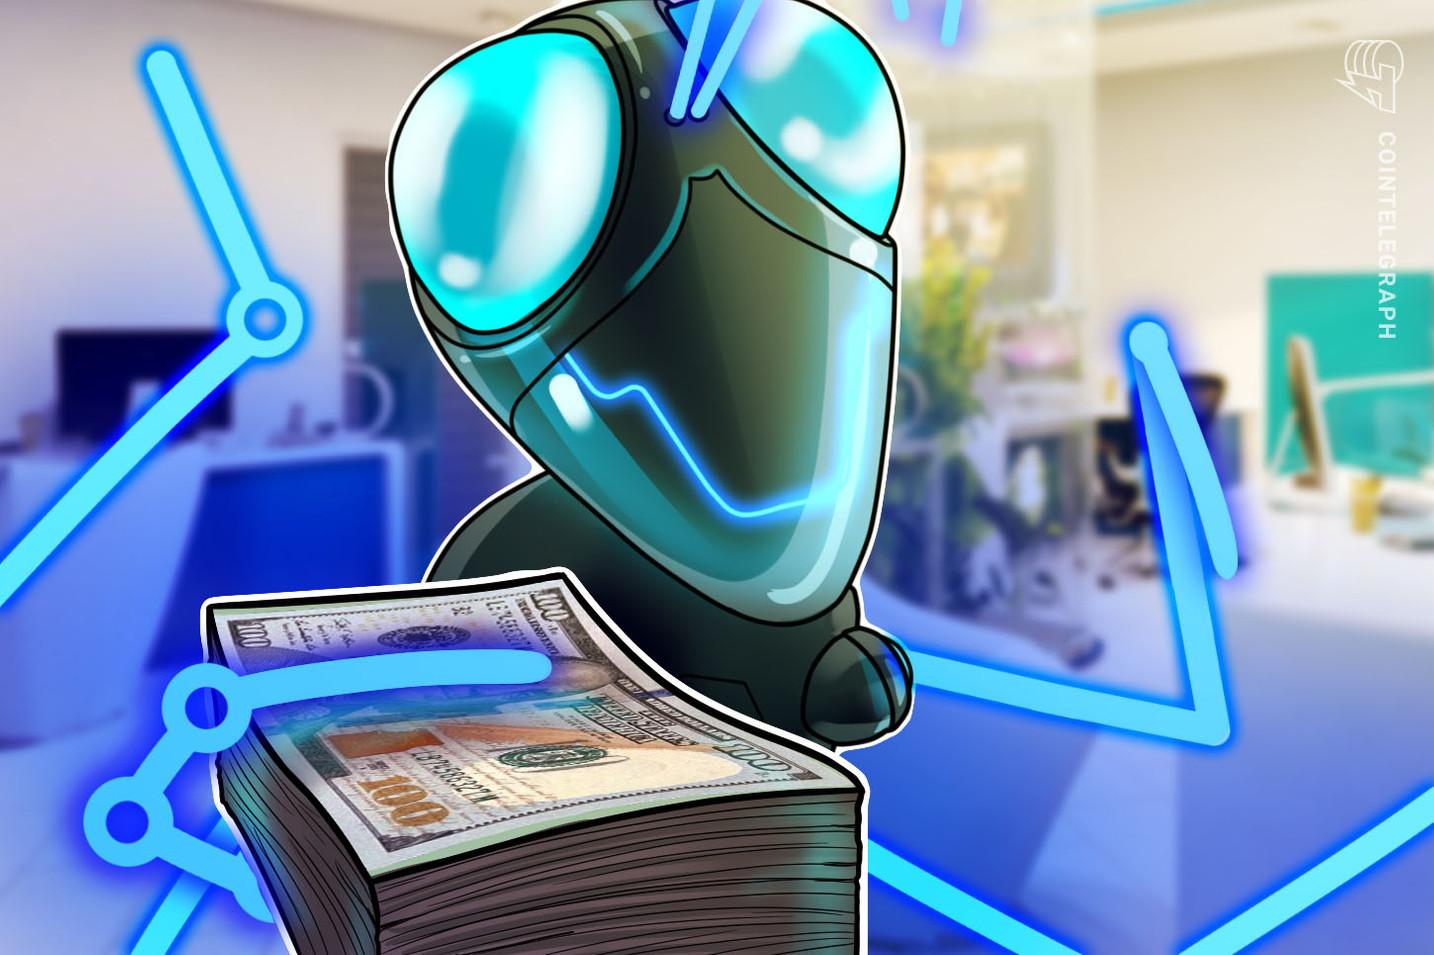 Empresa de pagamentos descentralizada Radpay levanta US$ 1,2 milhão em rodada de investimento